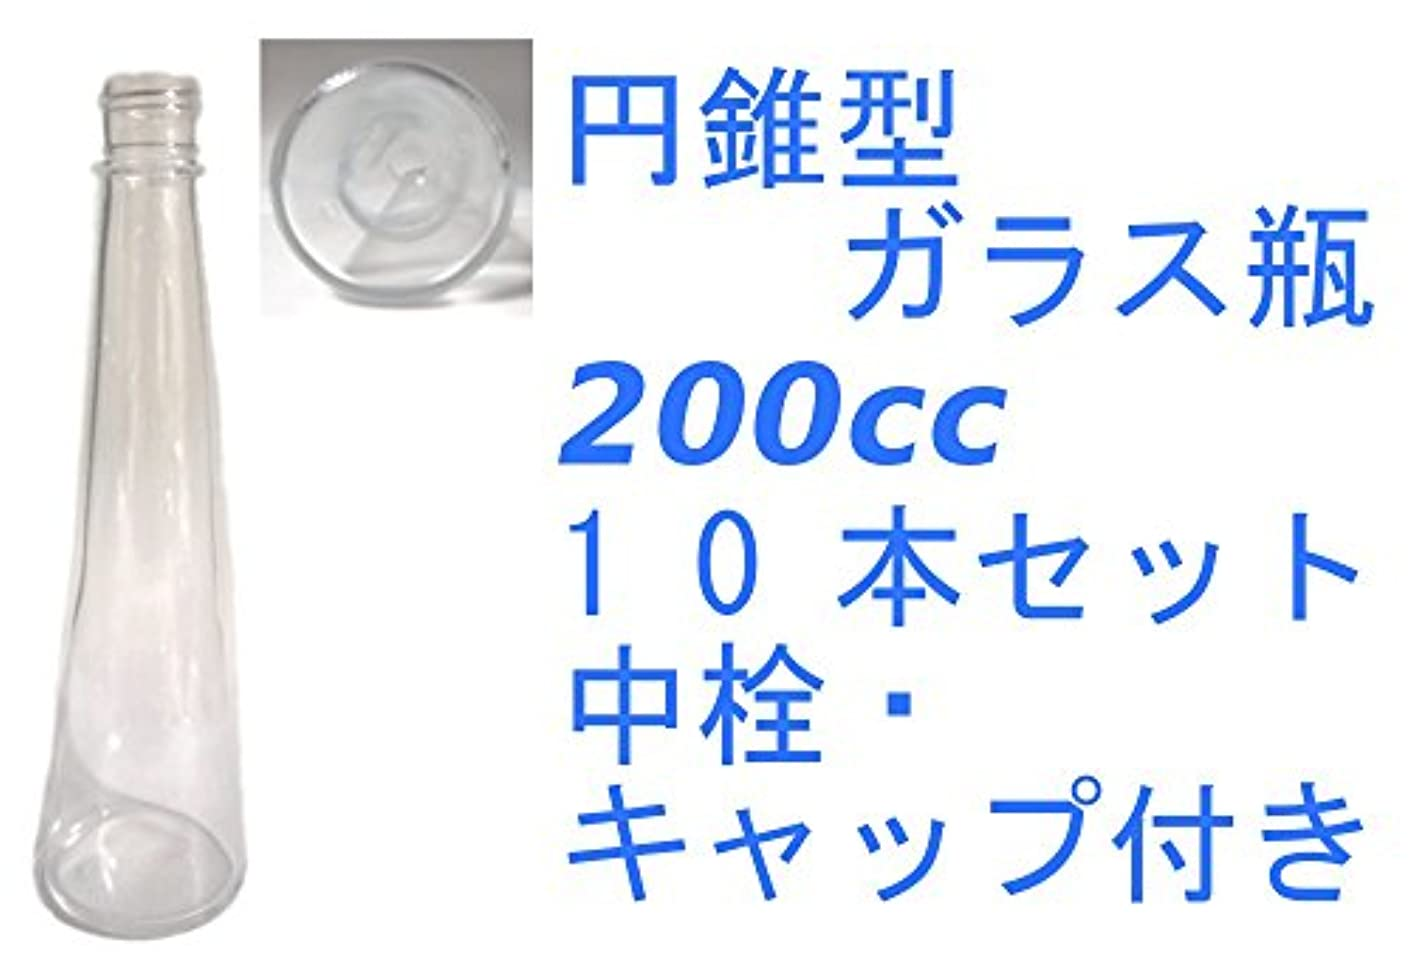 仮定するボート良心(ジャストユーズ) JustU's 日本製 ポリ栓 中栓付き円錐型ガラス瓶 10本セット 200cc 200ml アロマディフューザー ハーバリウム 調味料 オイル タレ ドレッシング瓶 B10-SSG200A-A